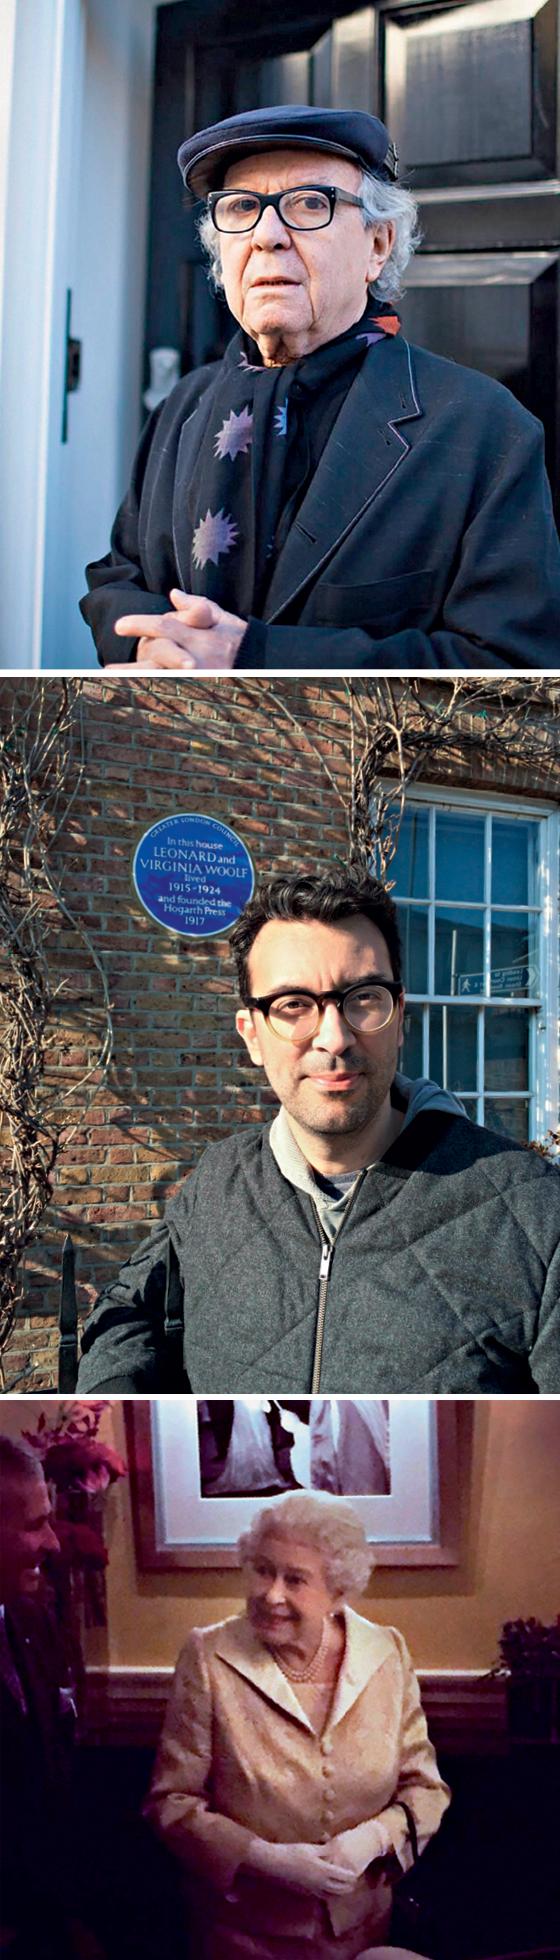 Olivetto em frente a sua casa em Londres; Laurentino diante da residência onde viveu a escritora Virginia Woolf; a rainha Elizabeth II, fotograda por Letícia, mulher de Dedé, em encontro casual num hotel londrino (Foto: Acervo Pessoal)